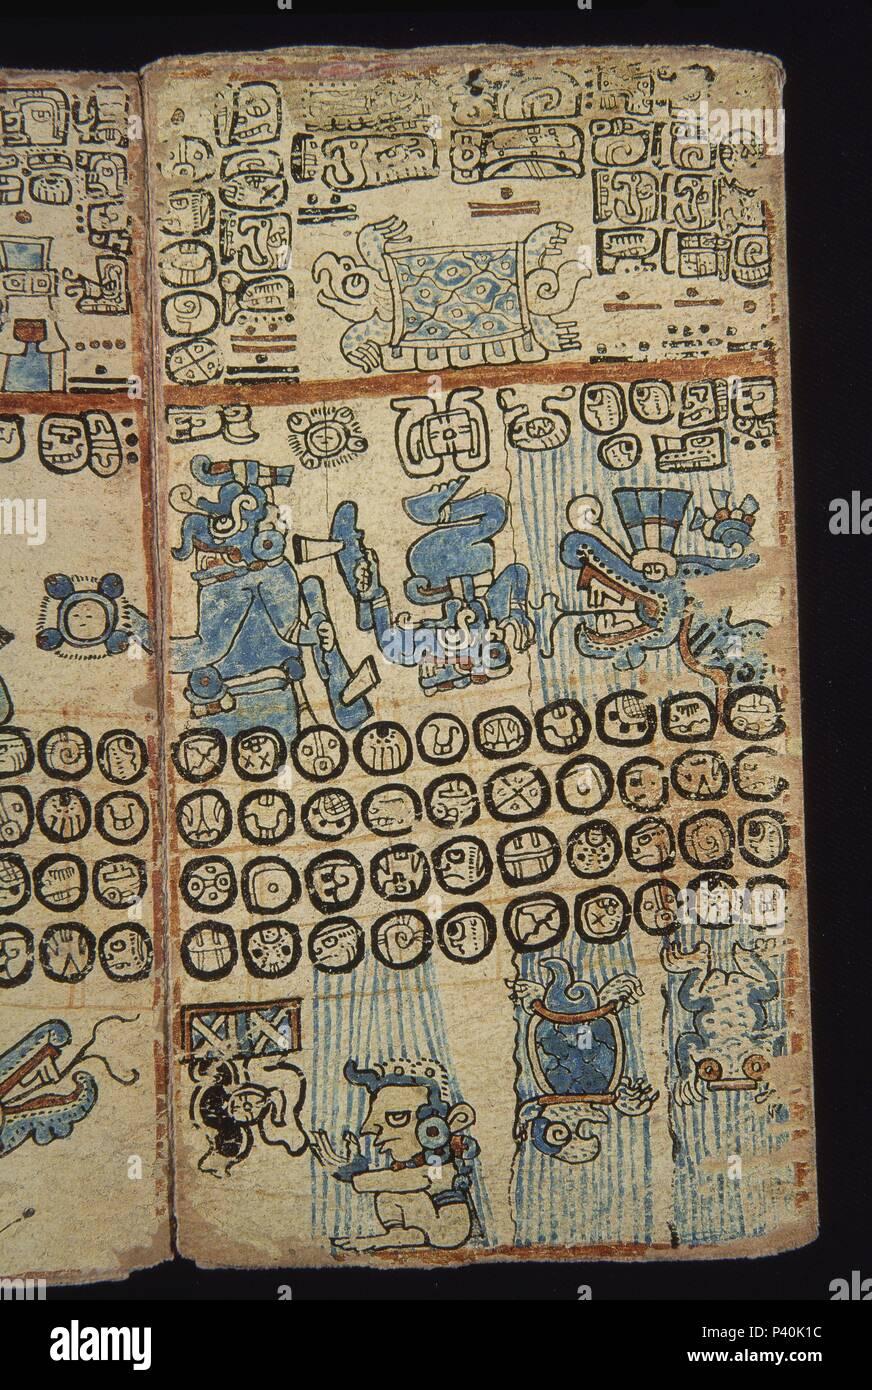 FACSIMIL-PAGINA DE CODICE TRO-CORTESIANO-CULTURA MAYA-DIOSES Y HOMBRES - S XIII AL XV. Location: MUSEO DE AMERICA-COLECCION, MADRID, SPAIN. - Stock Image